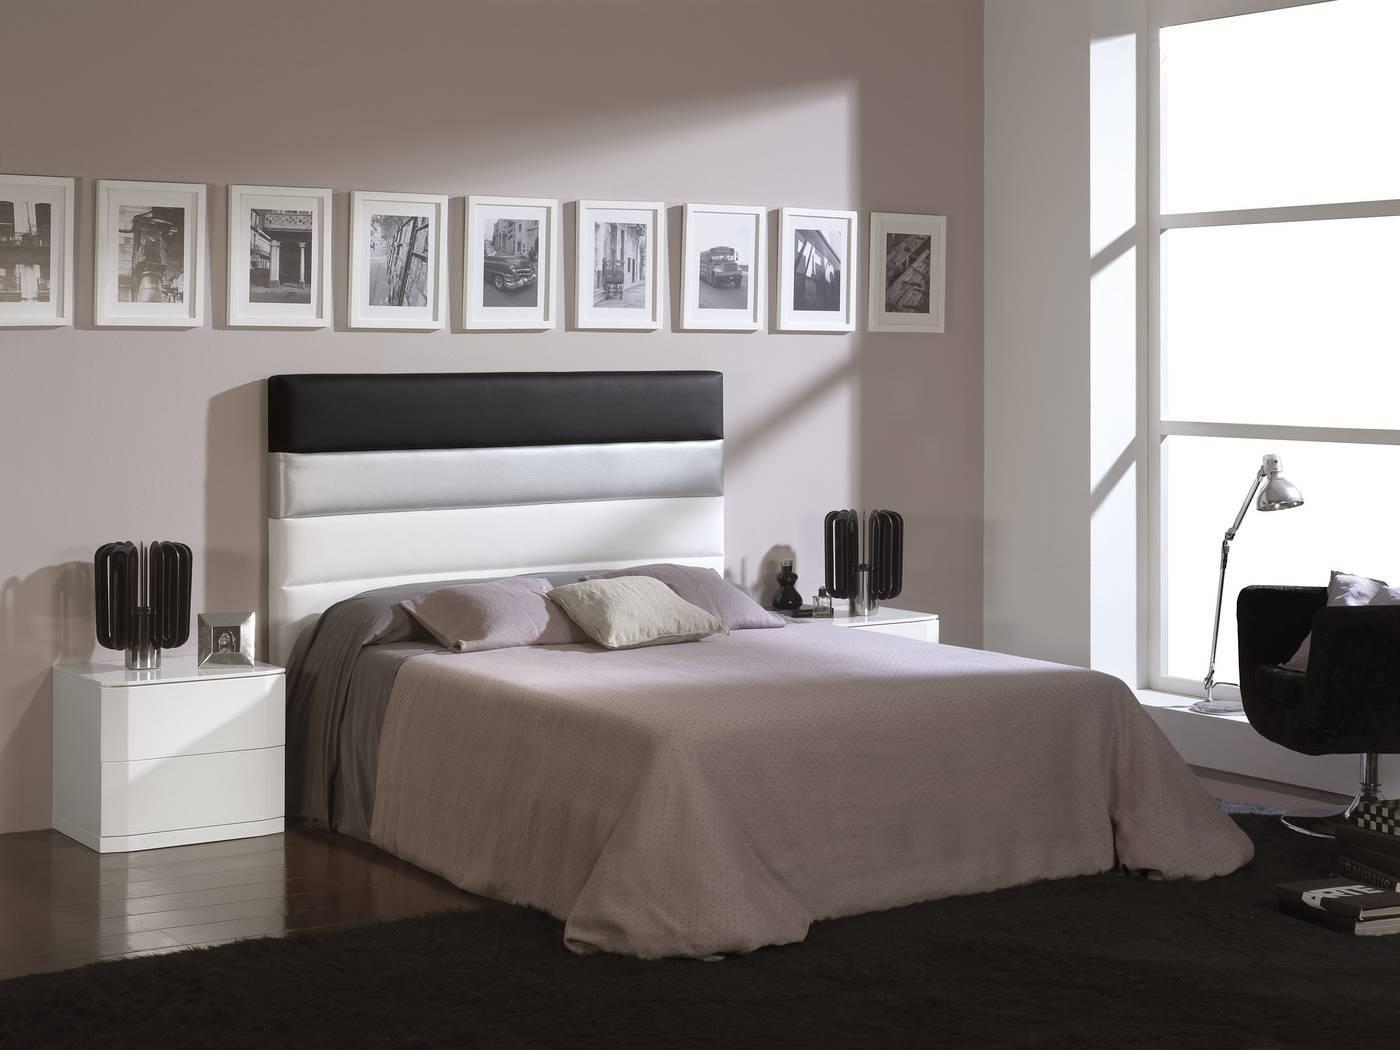 cabeceros de cama tapizados lamparas sevilla ForLamparas Cabezal Cama